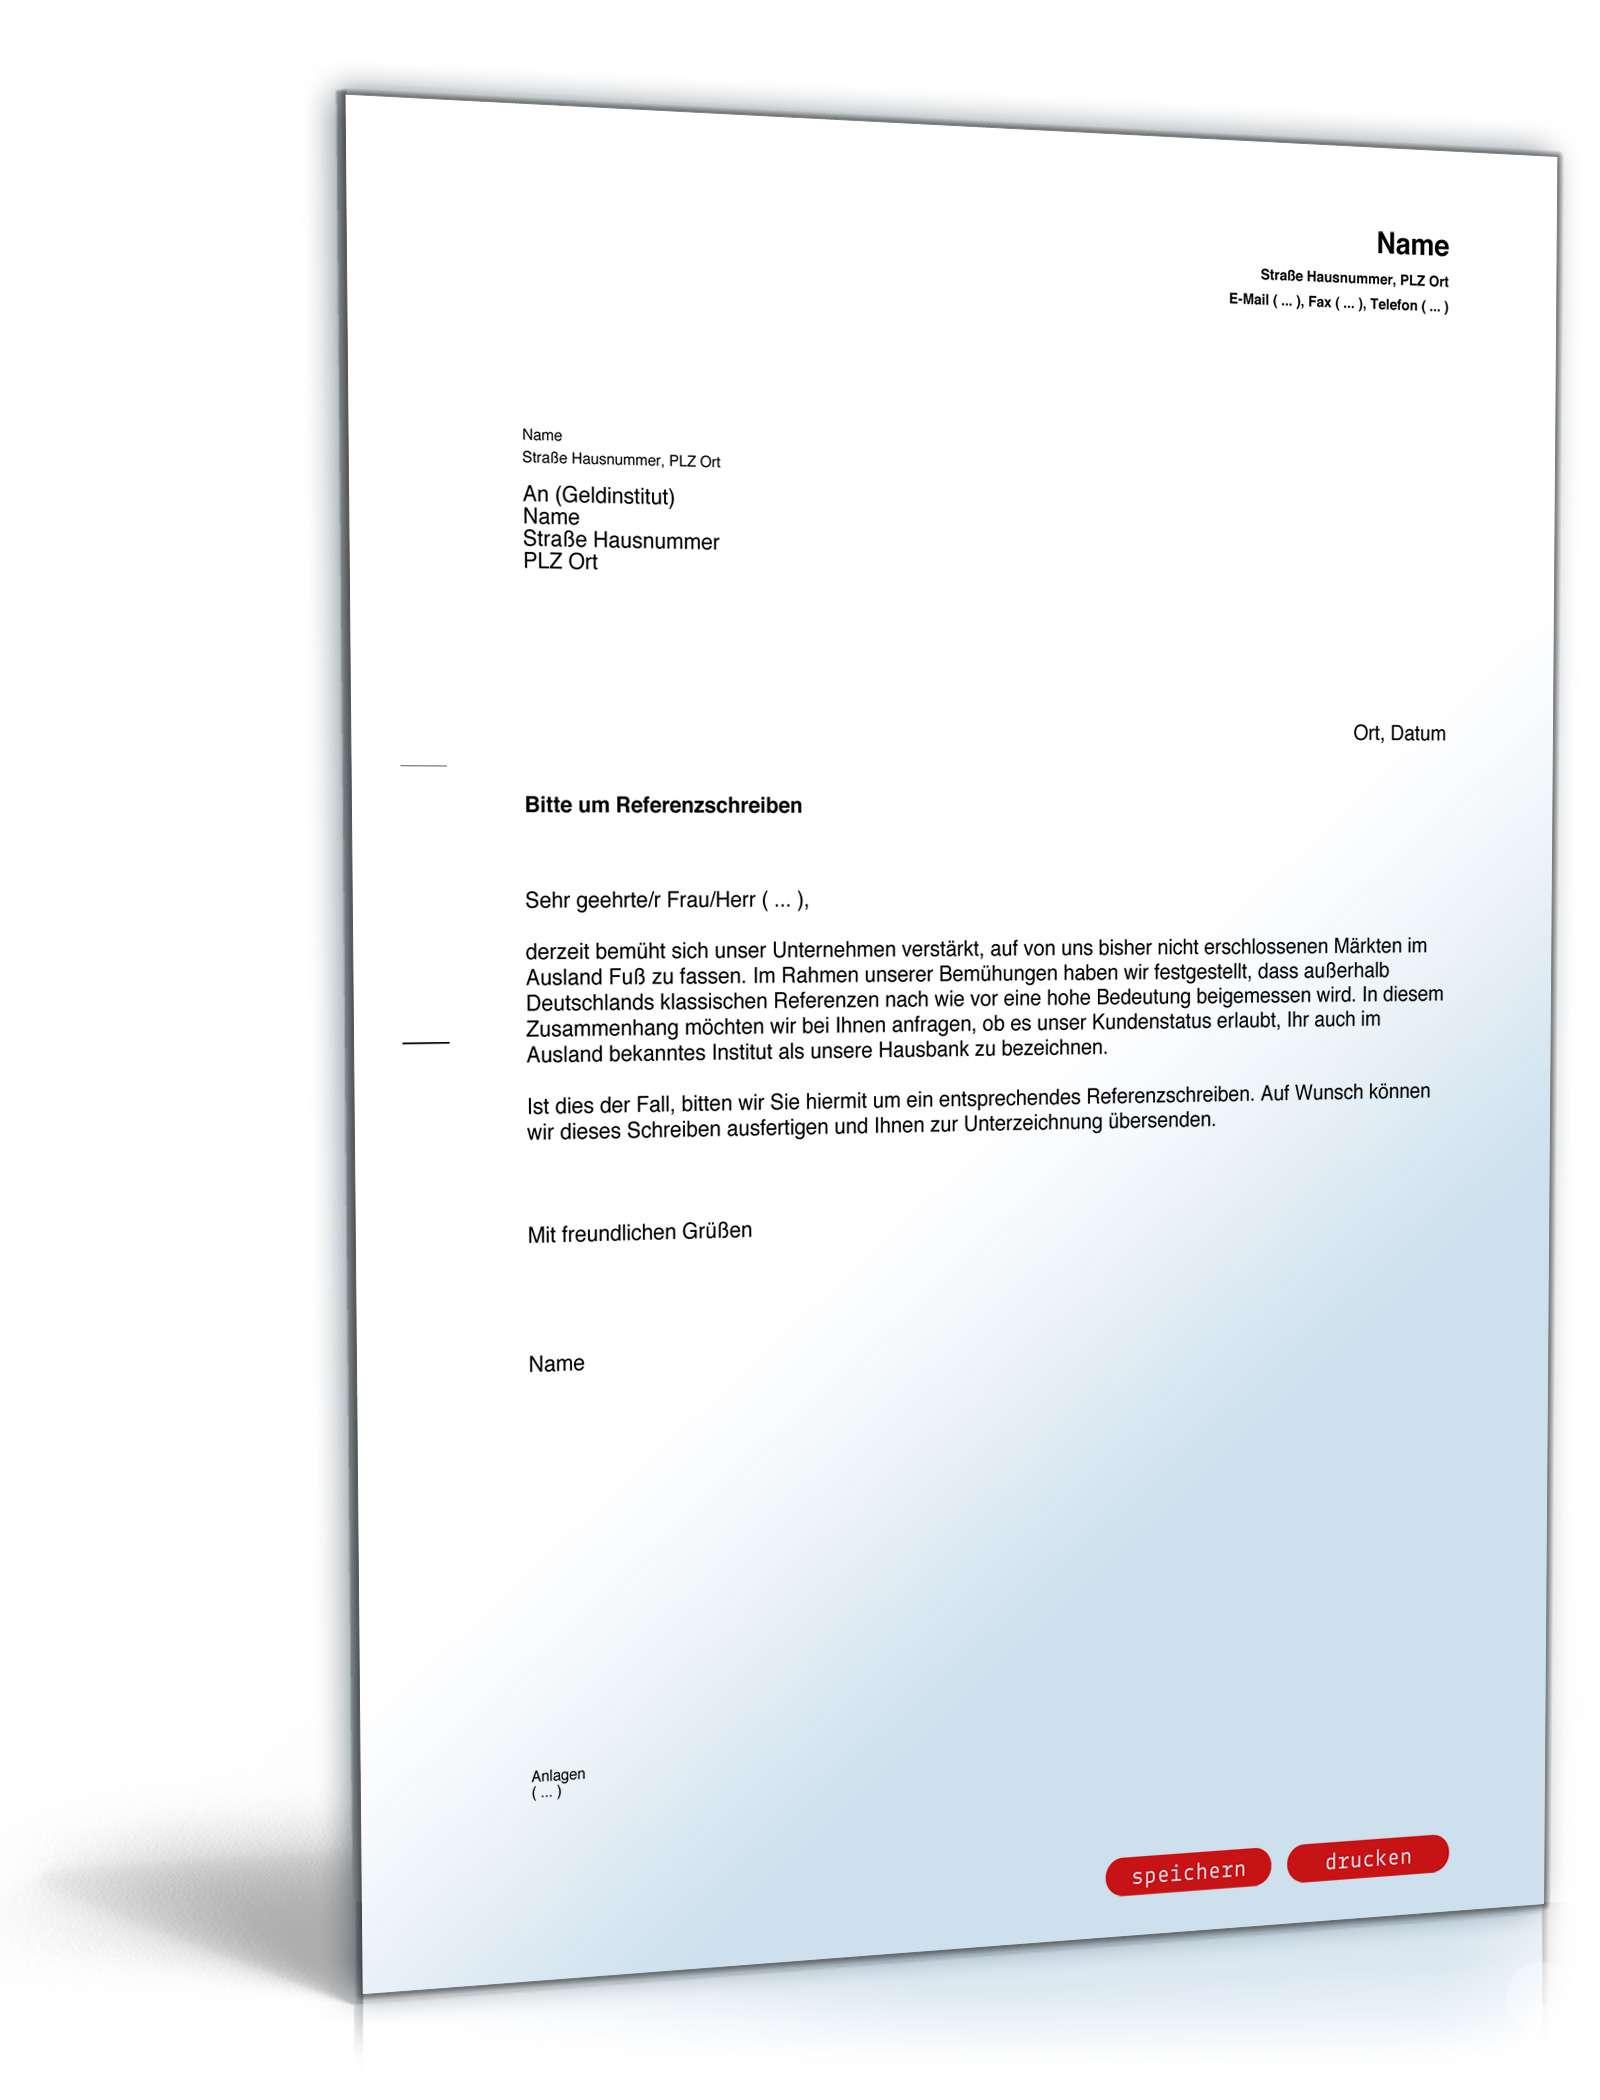 Musterbriefe Kostenlos Geschäftsbriefe : Bitte an bank um referenzschreiben vorlage zum download